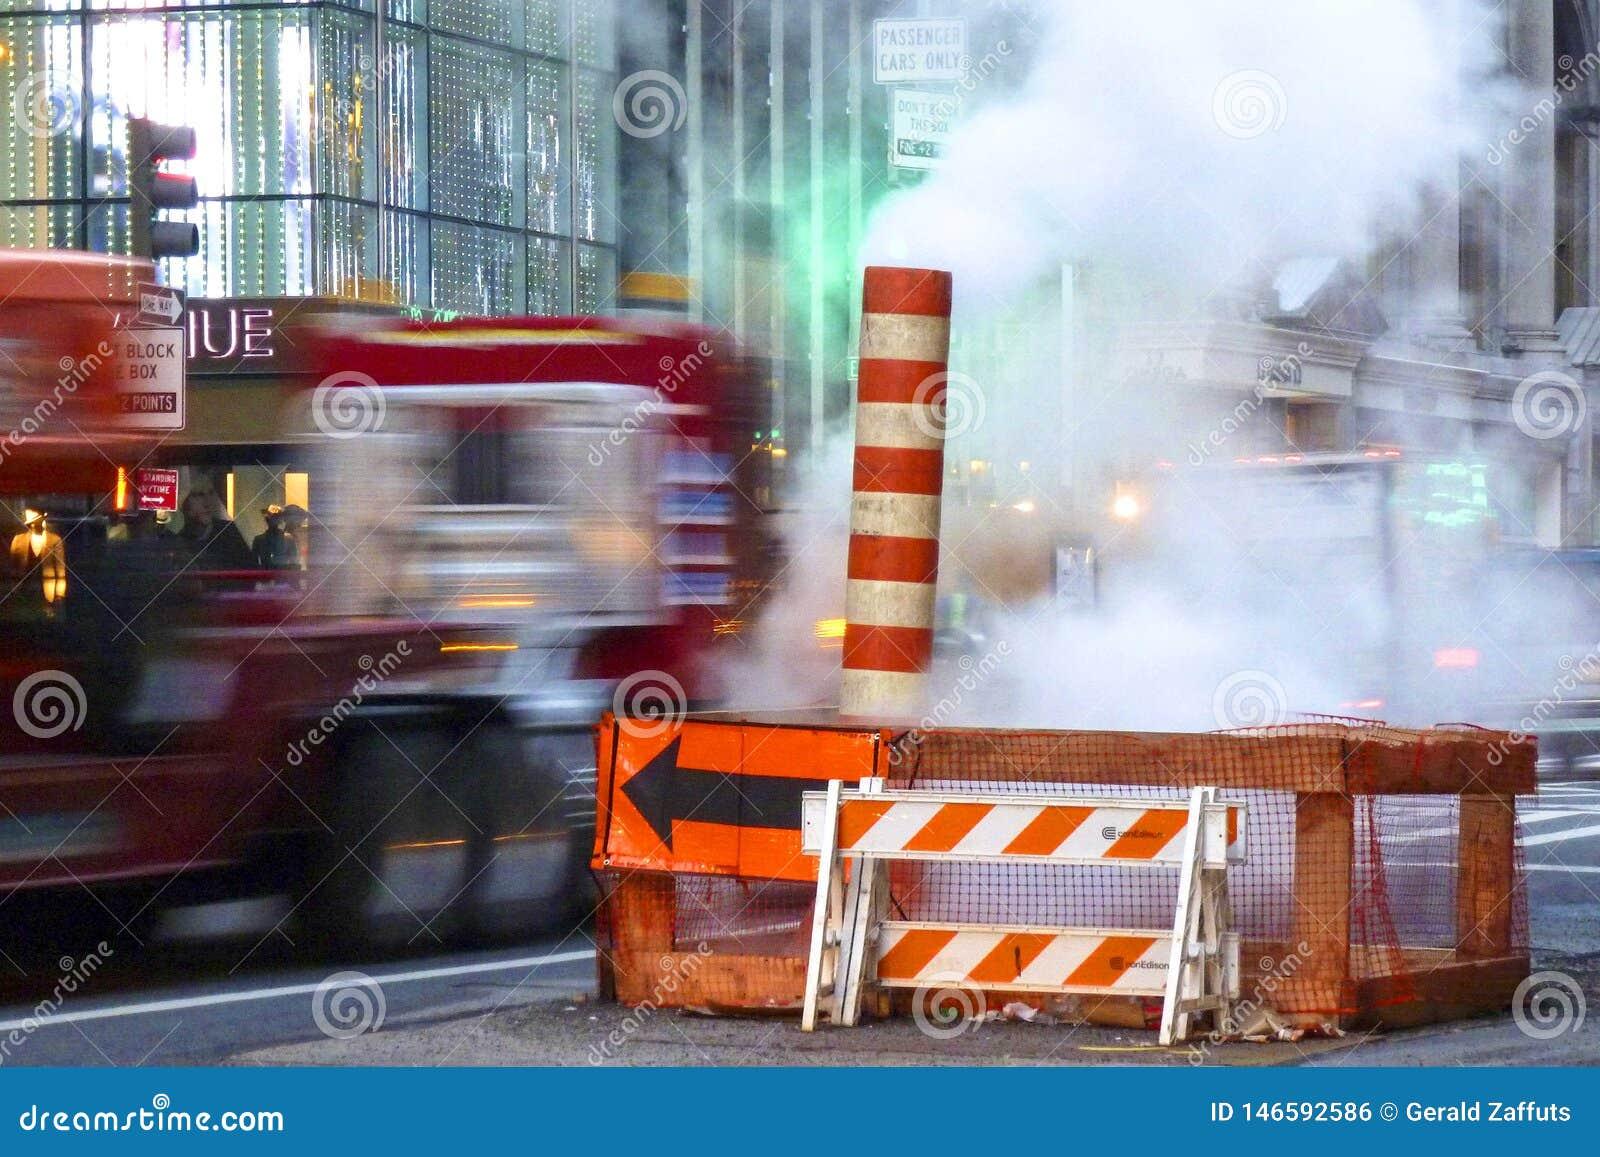 New York - 6 de fevereiro de 2013: reparos da rua com vapor e tráfego de pressa